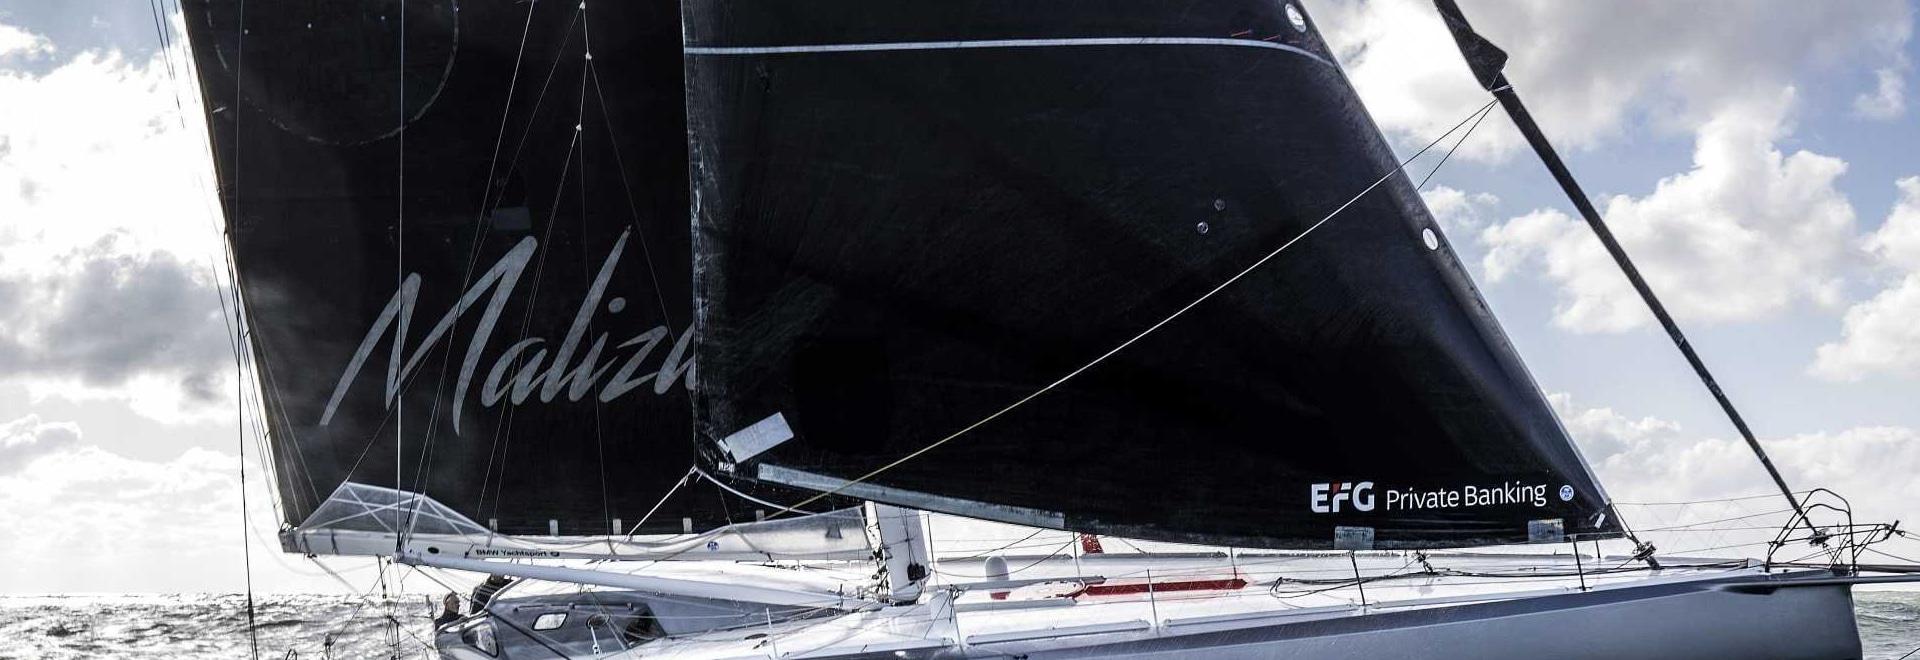 Torqeedo y BMW cooperan en el sistema de impulsión sin emisiones para Vendée Globe